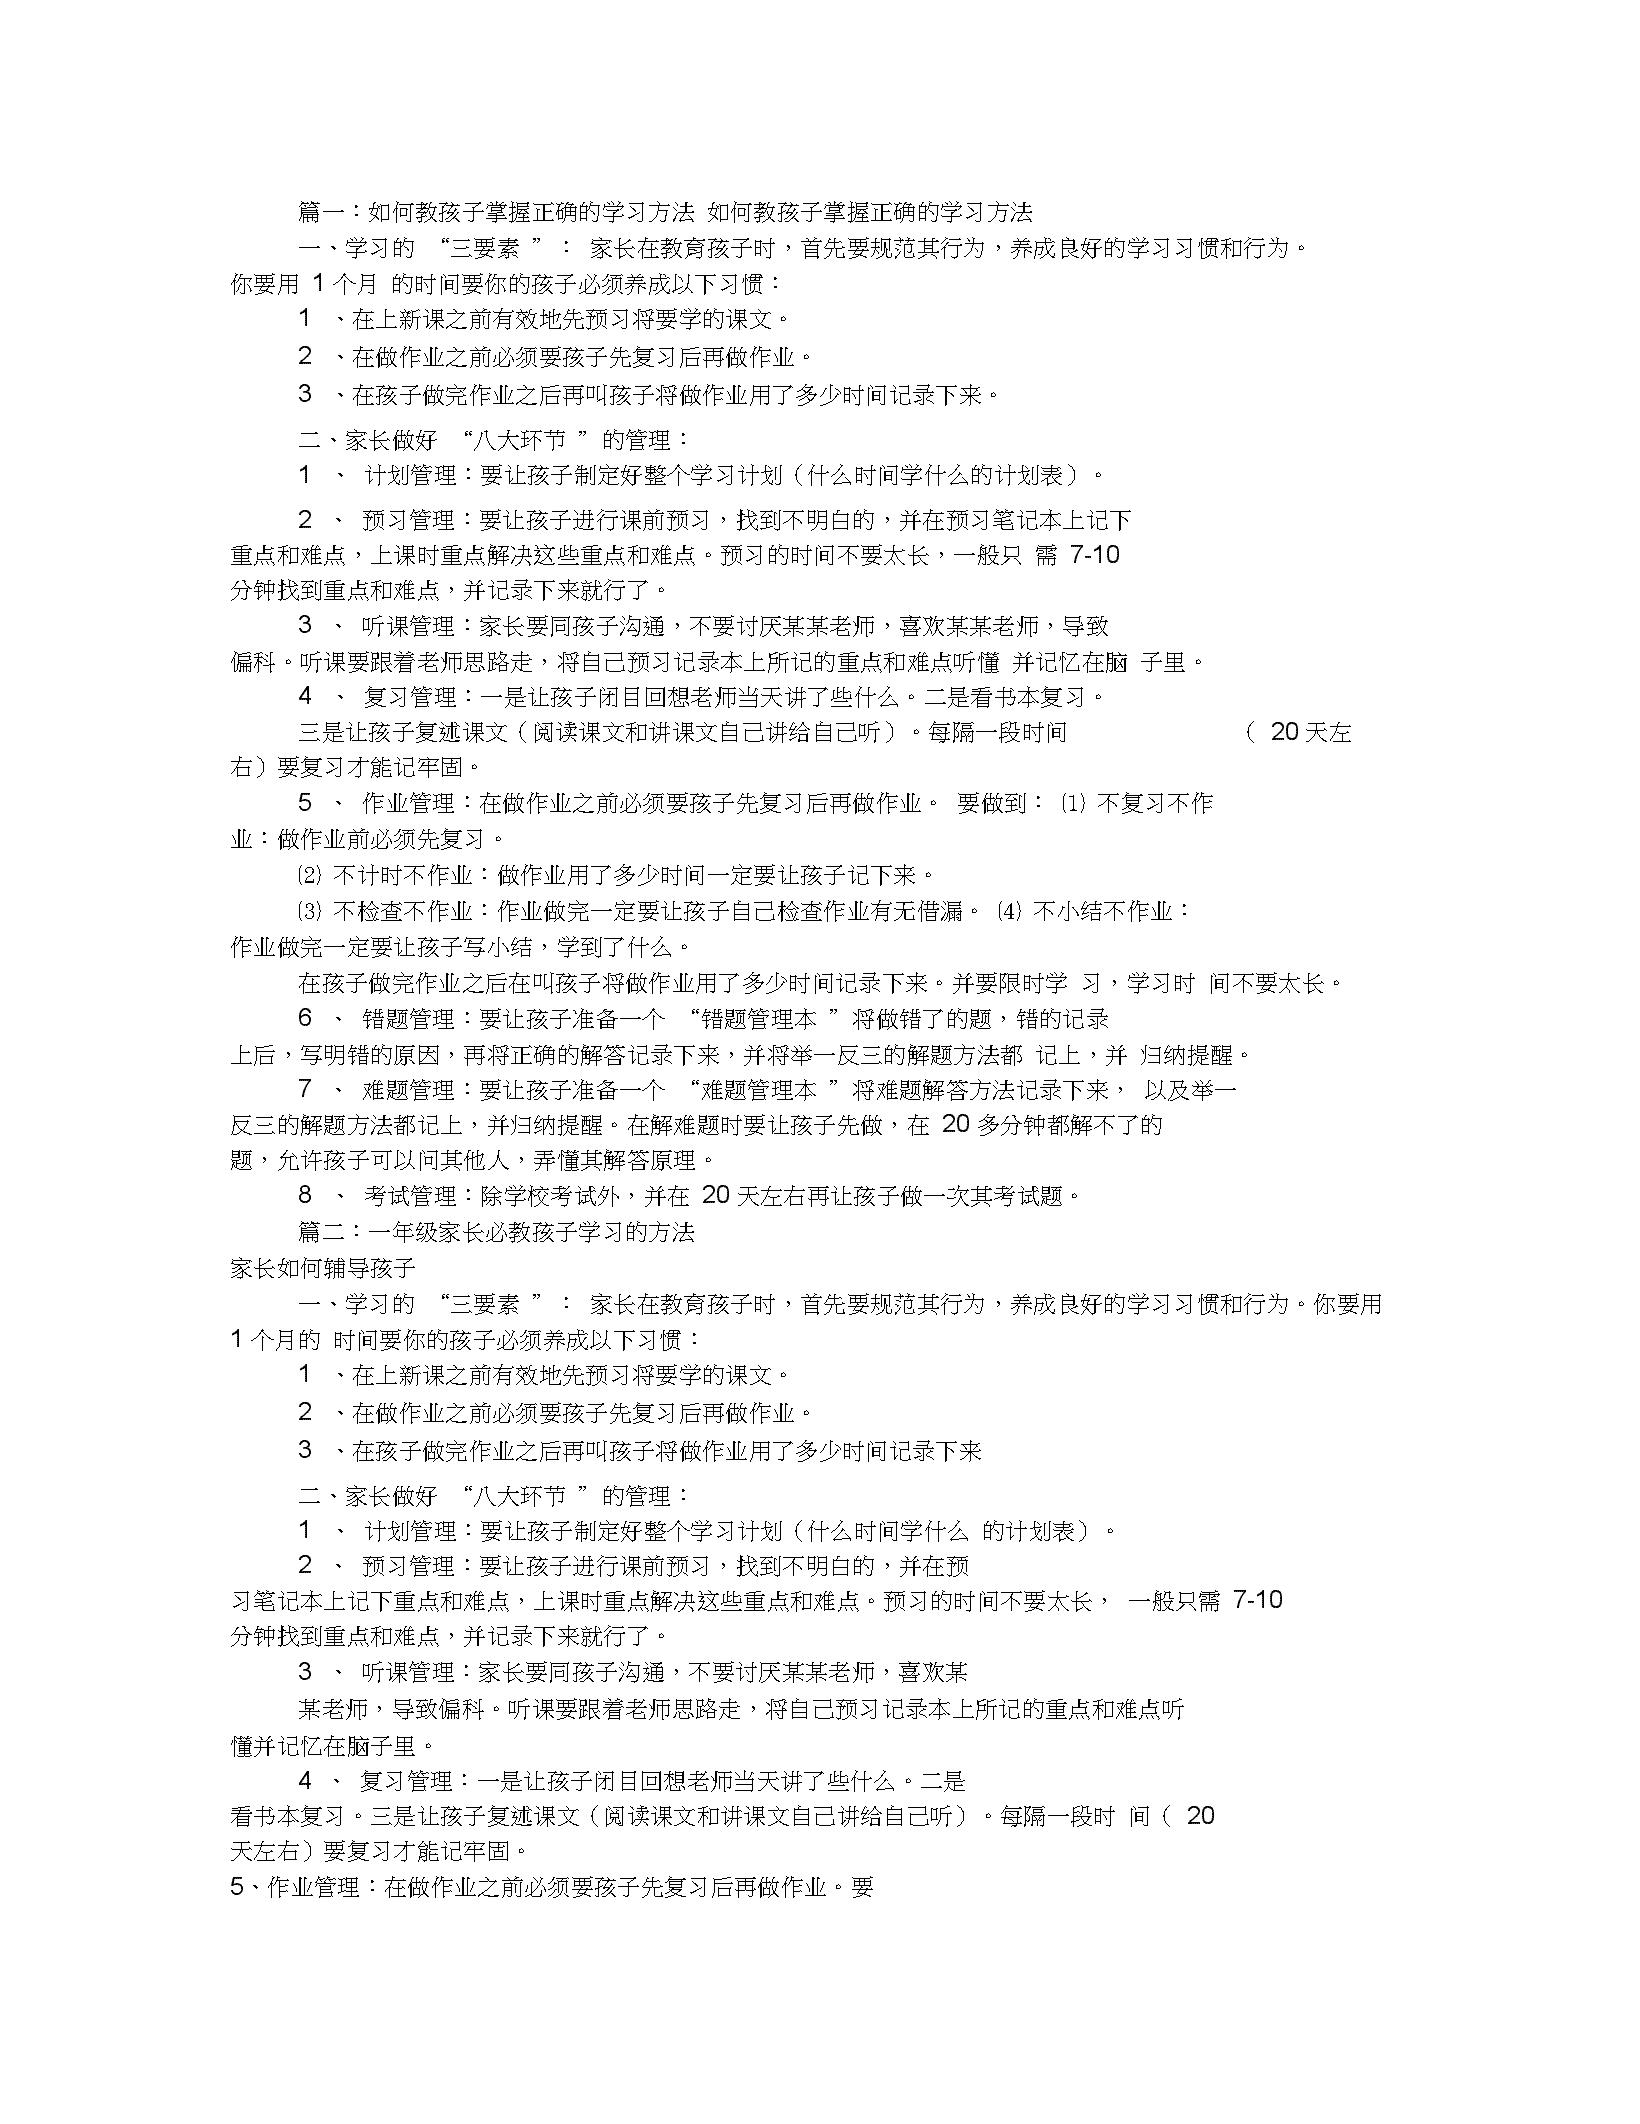 怎样教孩子学习方法(共7篇).docx